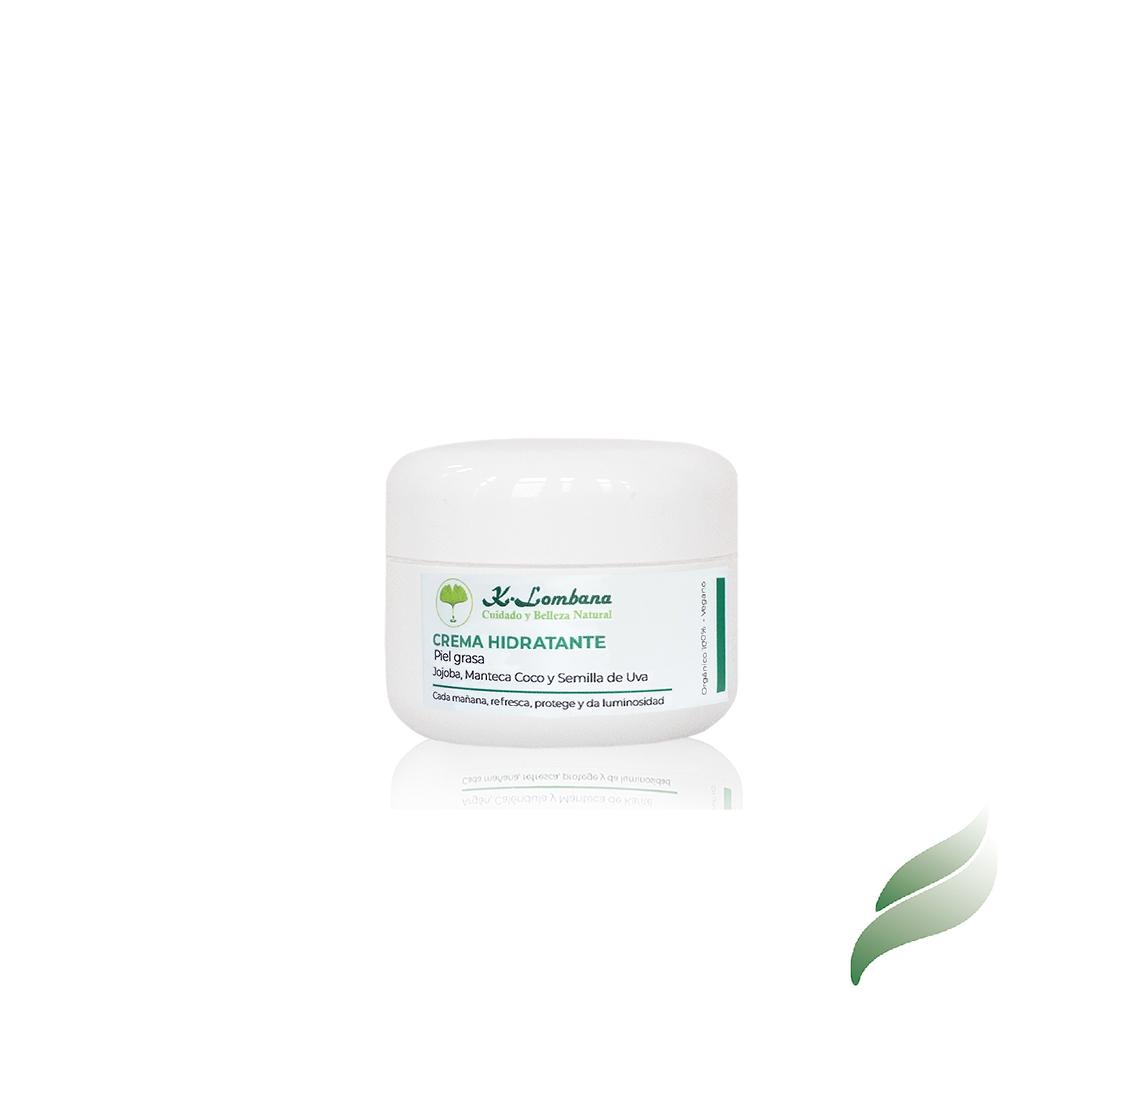 Hidratante piel grasa. Hidrata y nos protege sin taponar sus poros. materias primas naturales 100%